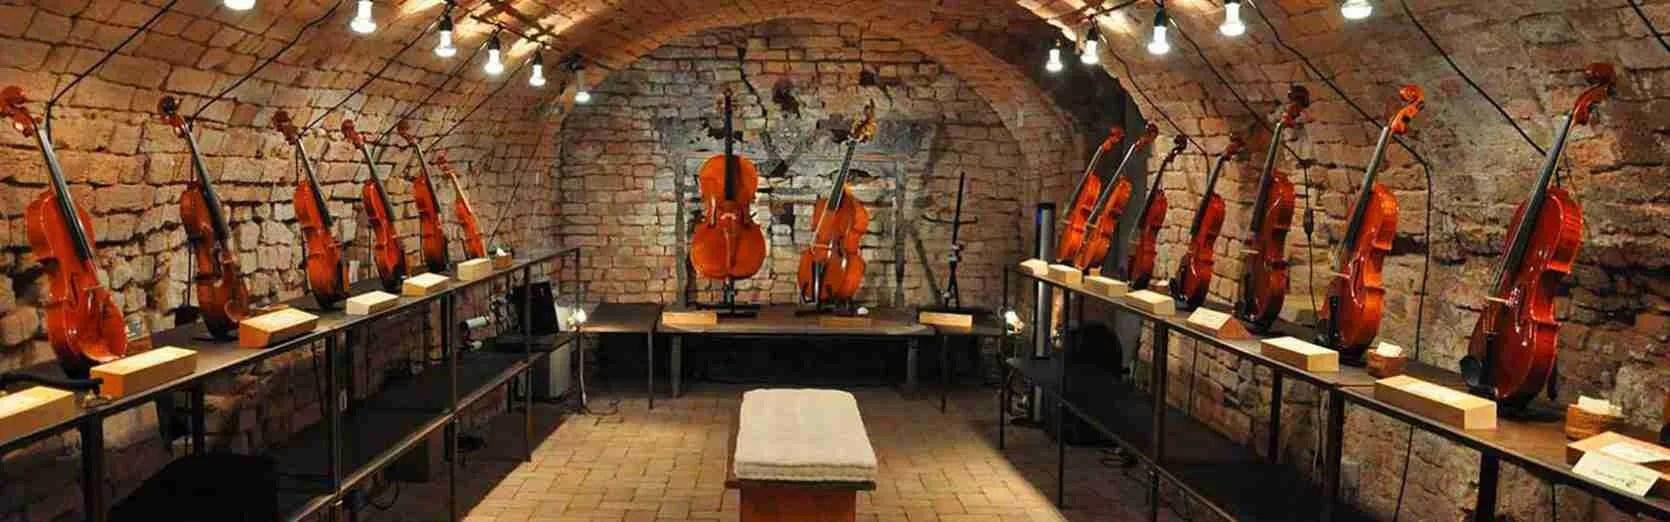 Visitare il Museo del Violino di Cremona in compagnia di una escort Cremona diventa un'occasione imperdibile.